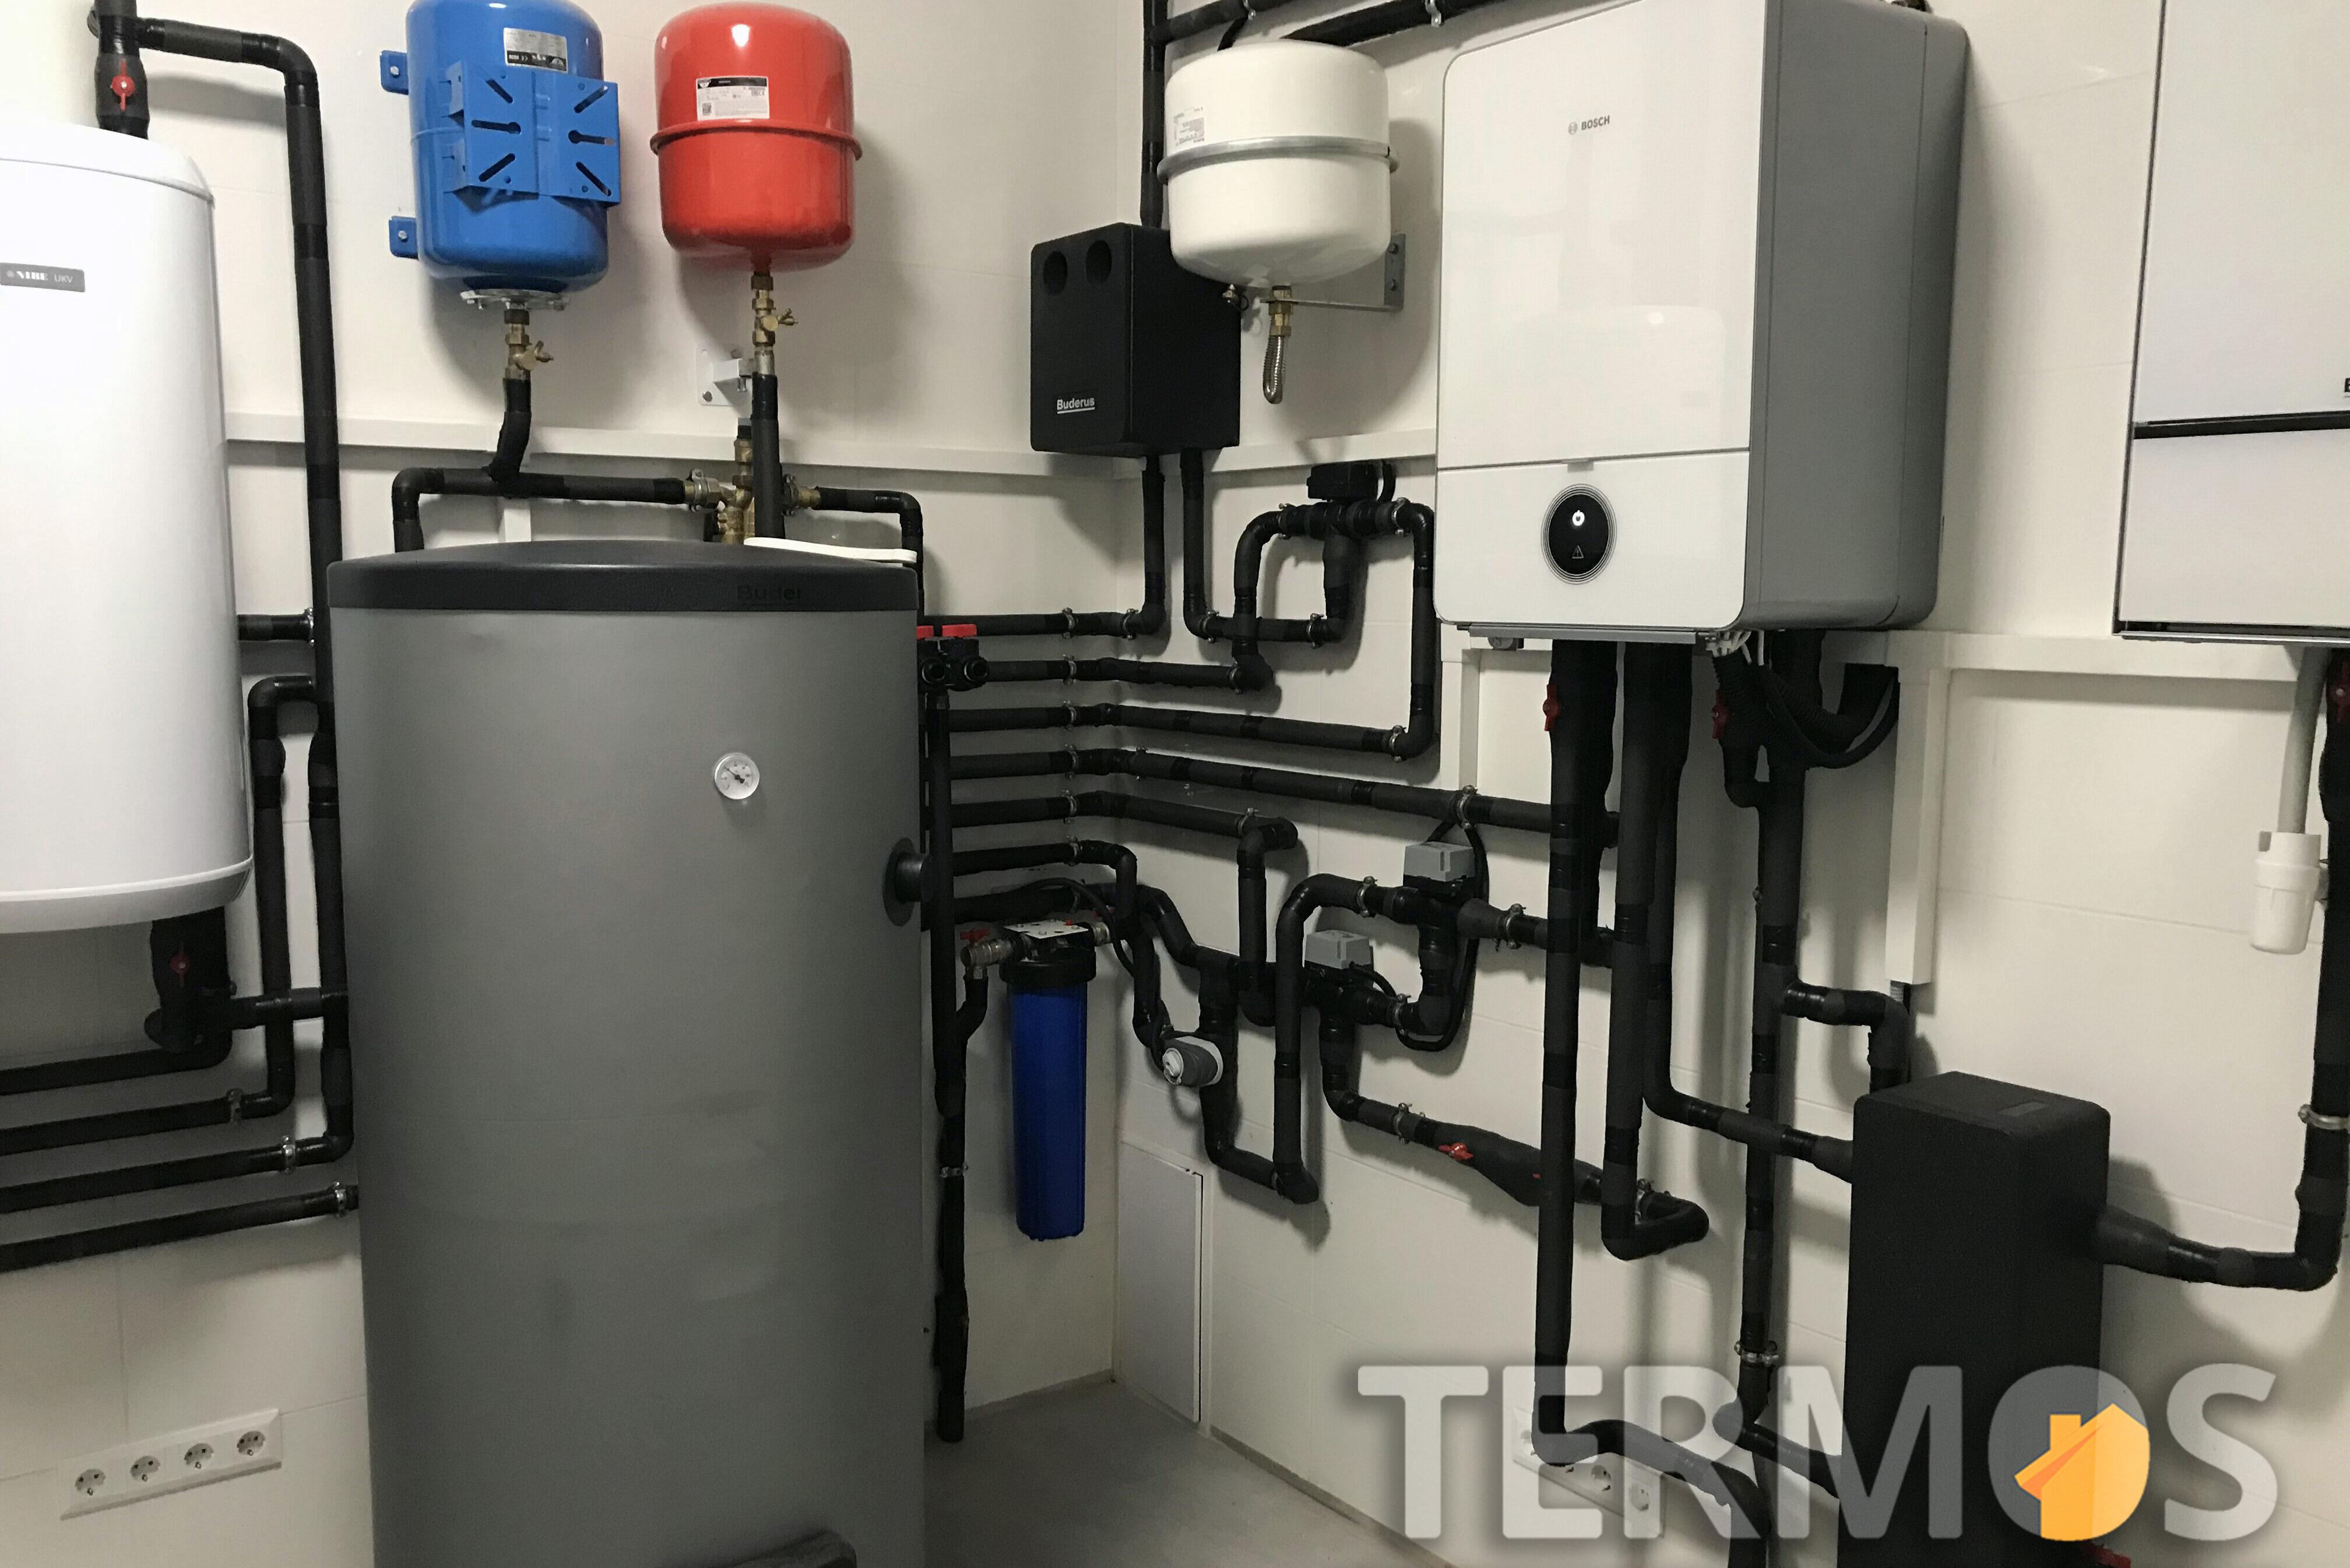 Газовый конденсационный котел BUDERUS (Германия) GB172i 24  кВт